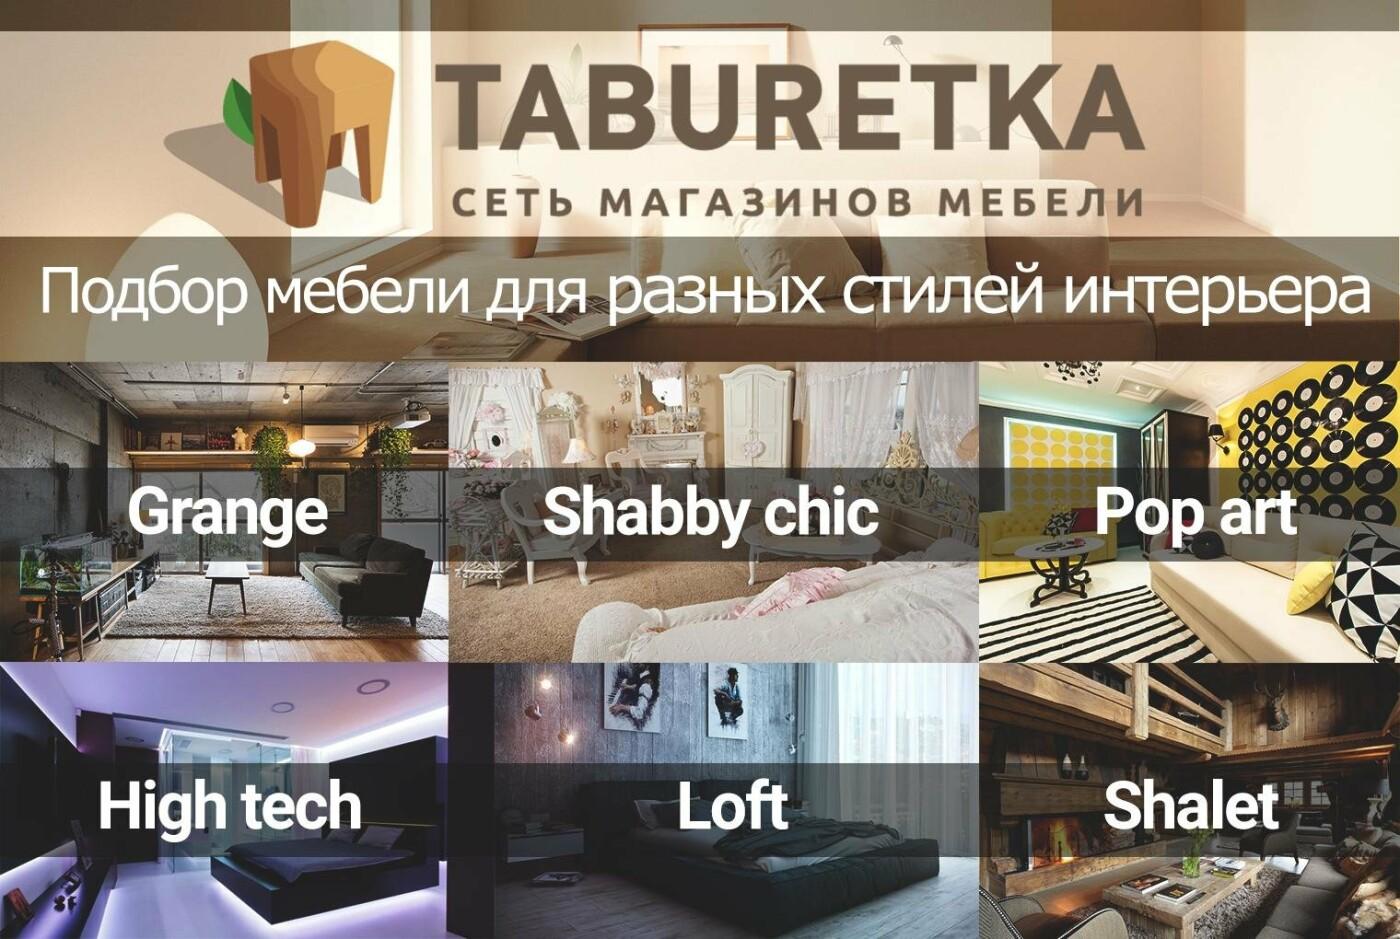 Подбор мебели для разных стилей интерьера, фото-1